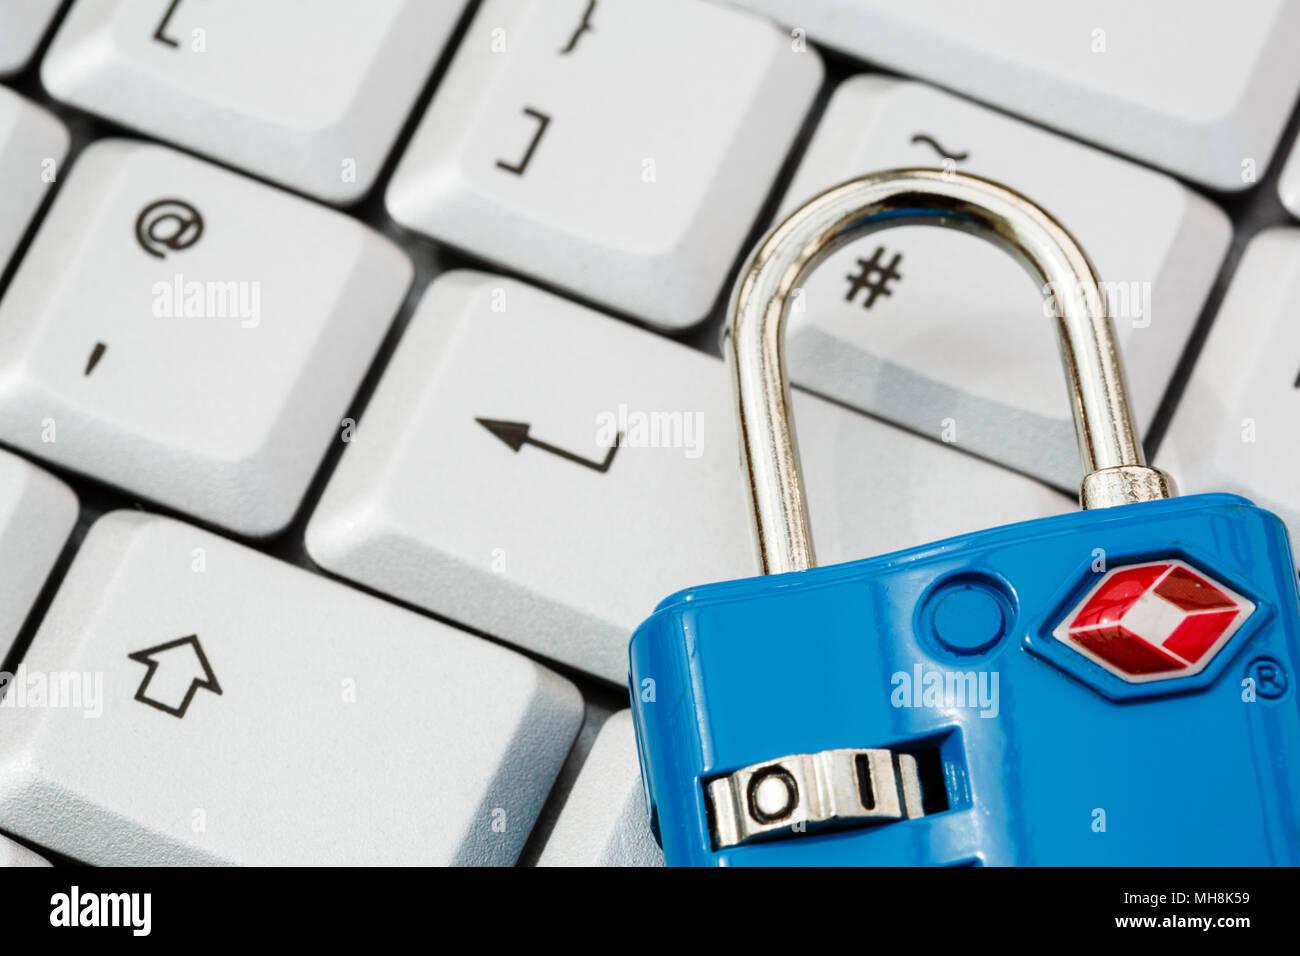 Eine Tastatur mit Key eingeben und ein TSA Vorhängeschloss online Cyber Security und Datenschutz Konzept zu veranschaulichen. Auf Vorhängeschloss konzentriert. England, Großbritannien, Großbritannien Stockbild